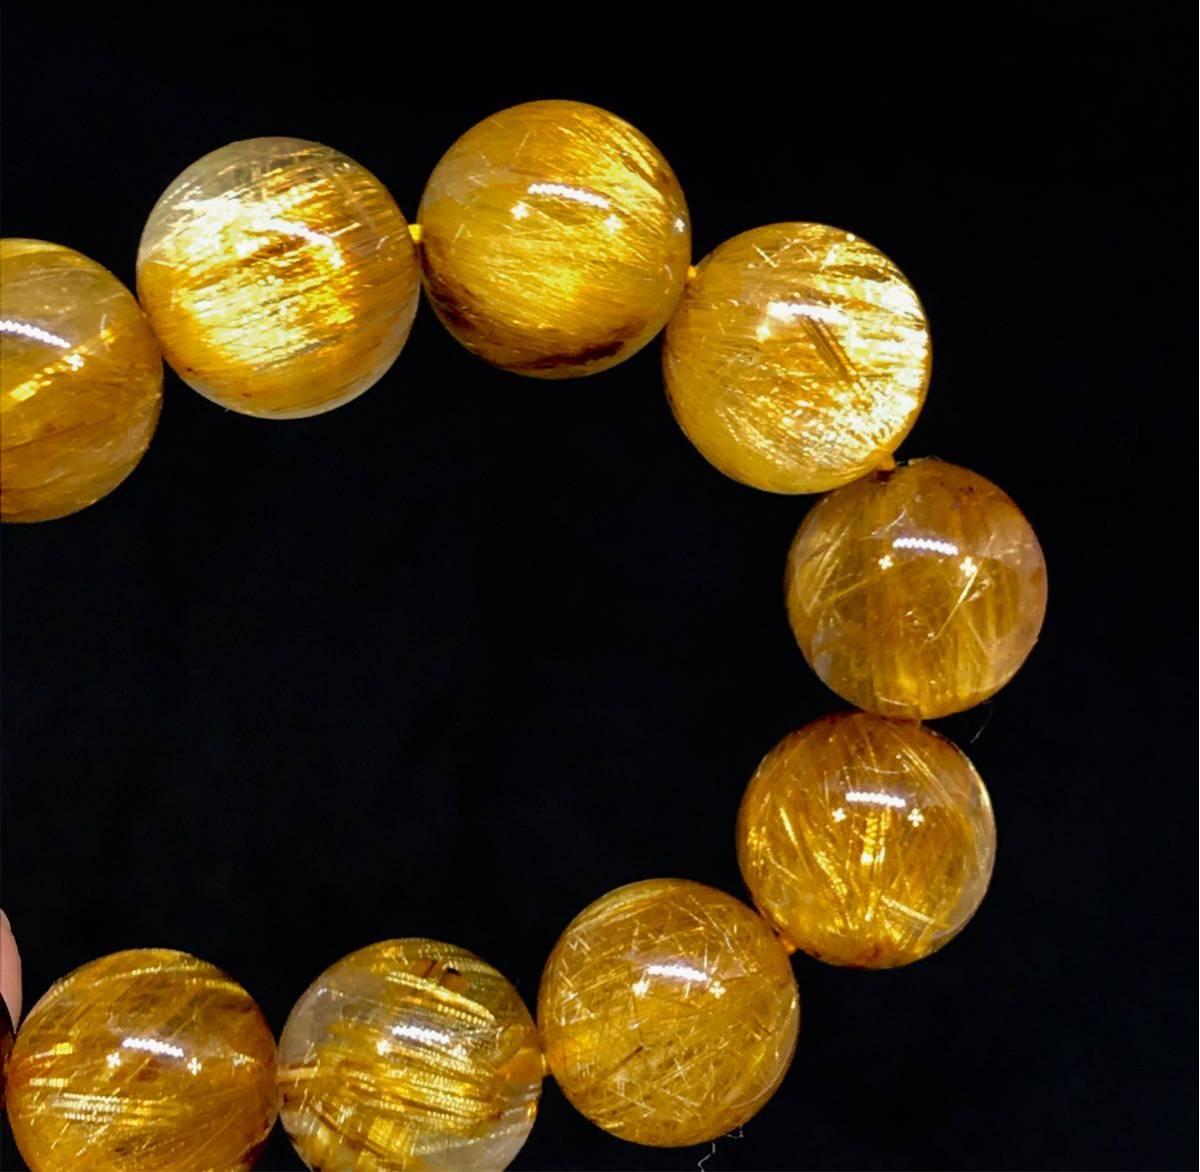 【1円スタート!最落なし】オレンジタイチンルチルクォーツ ブレスレット 14mm 【最高級】【超レア】【美品】15010280_画像8